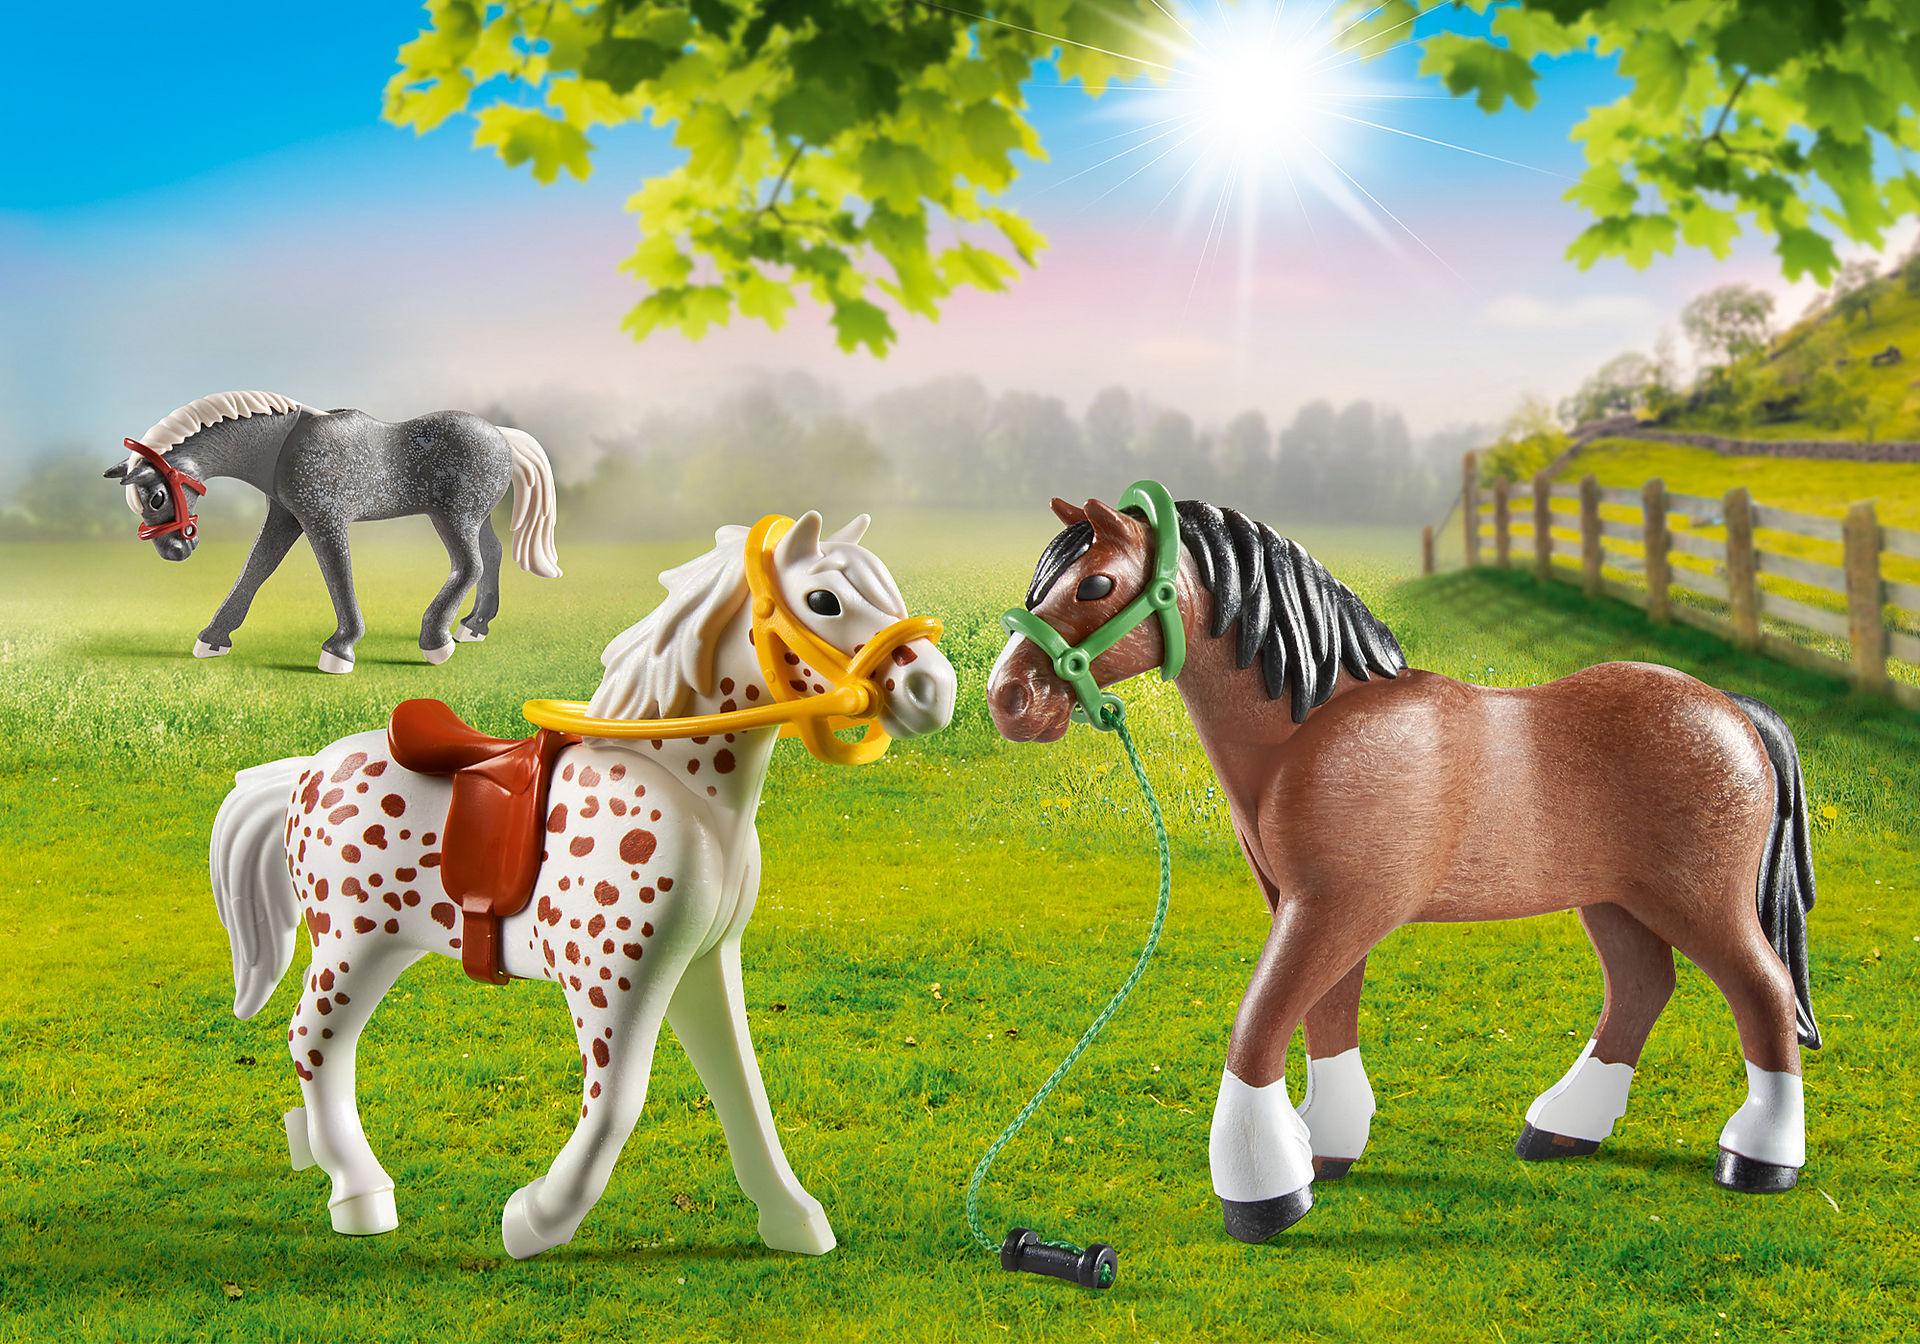 70683 3 paarden zoom image1